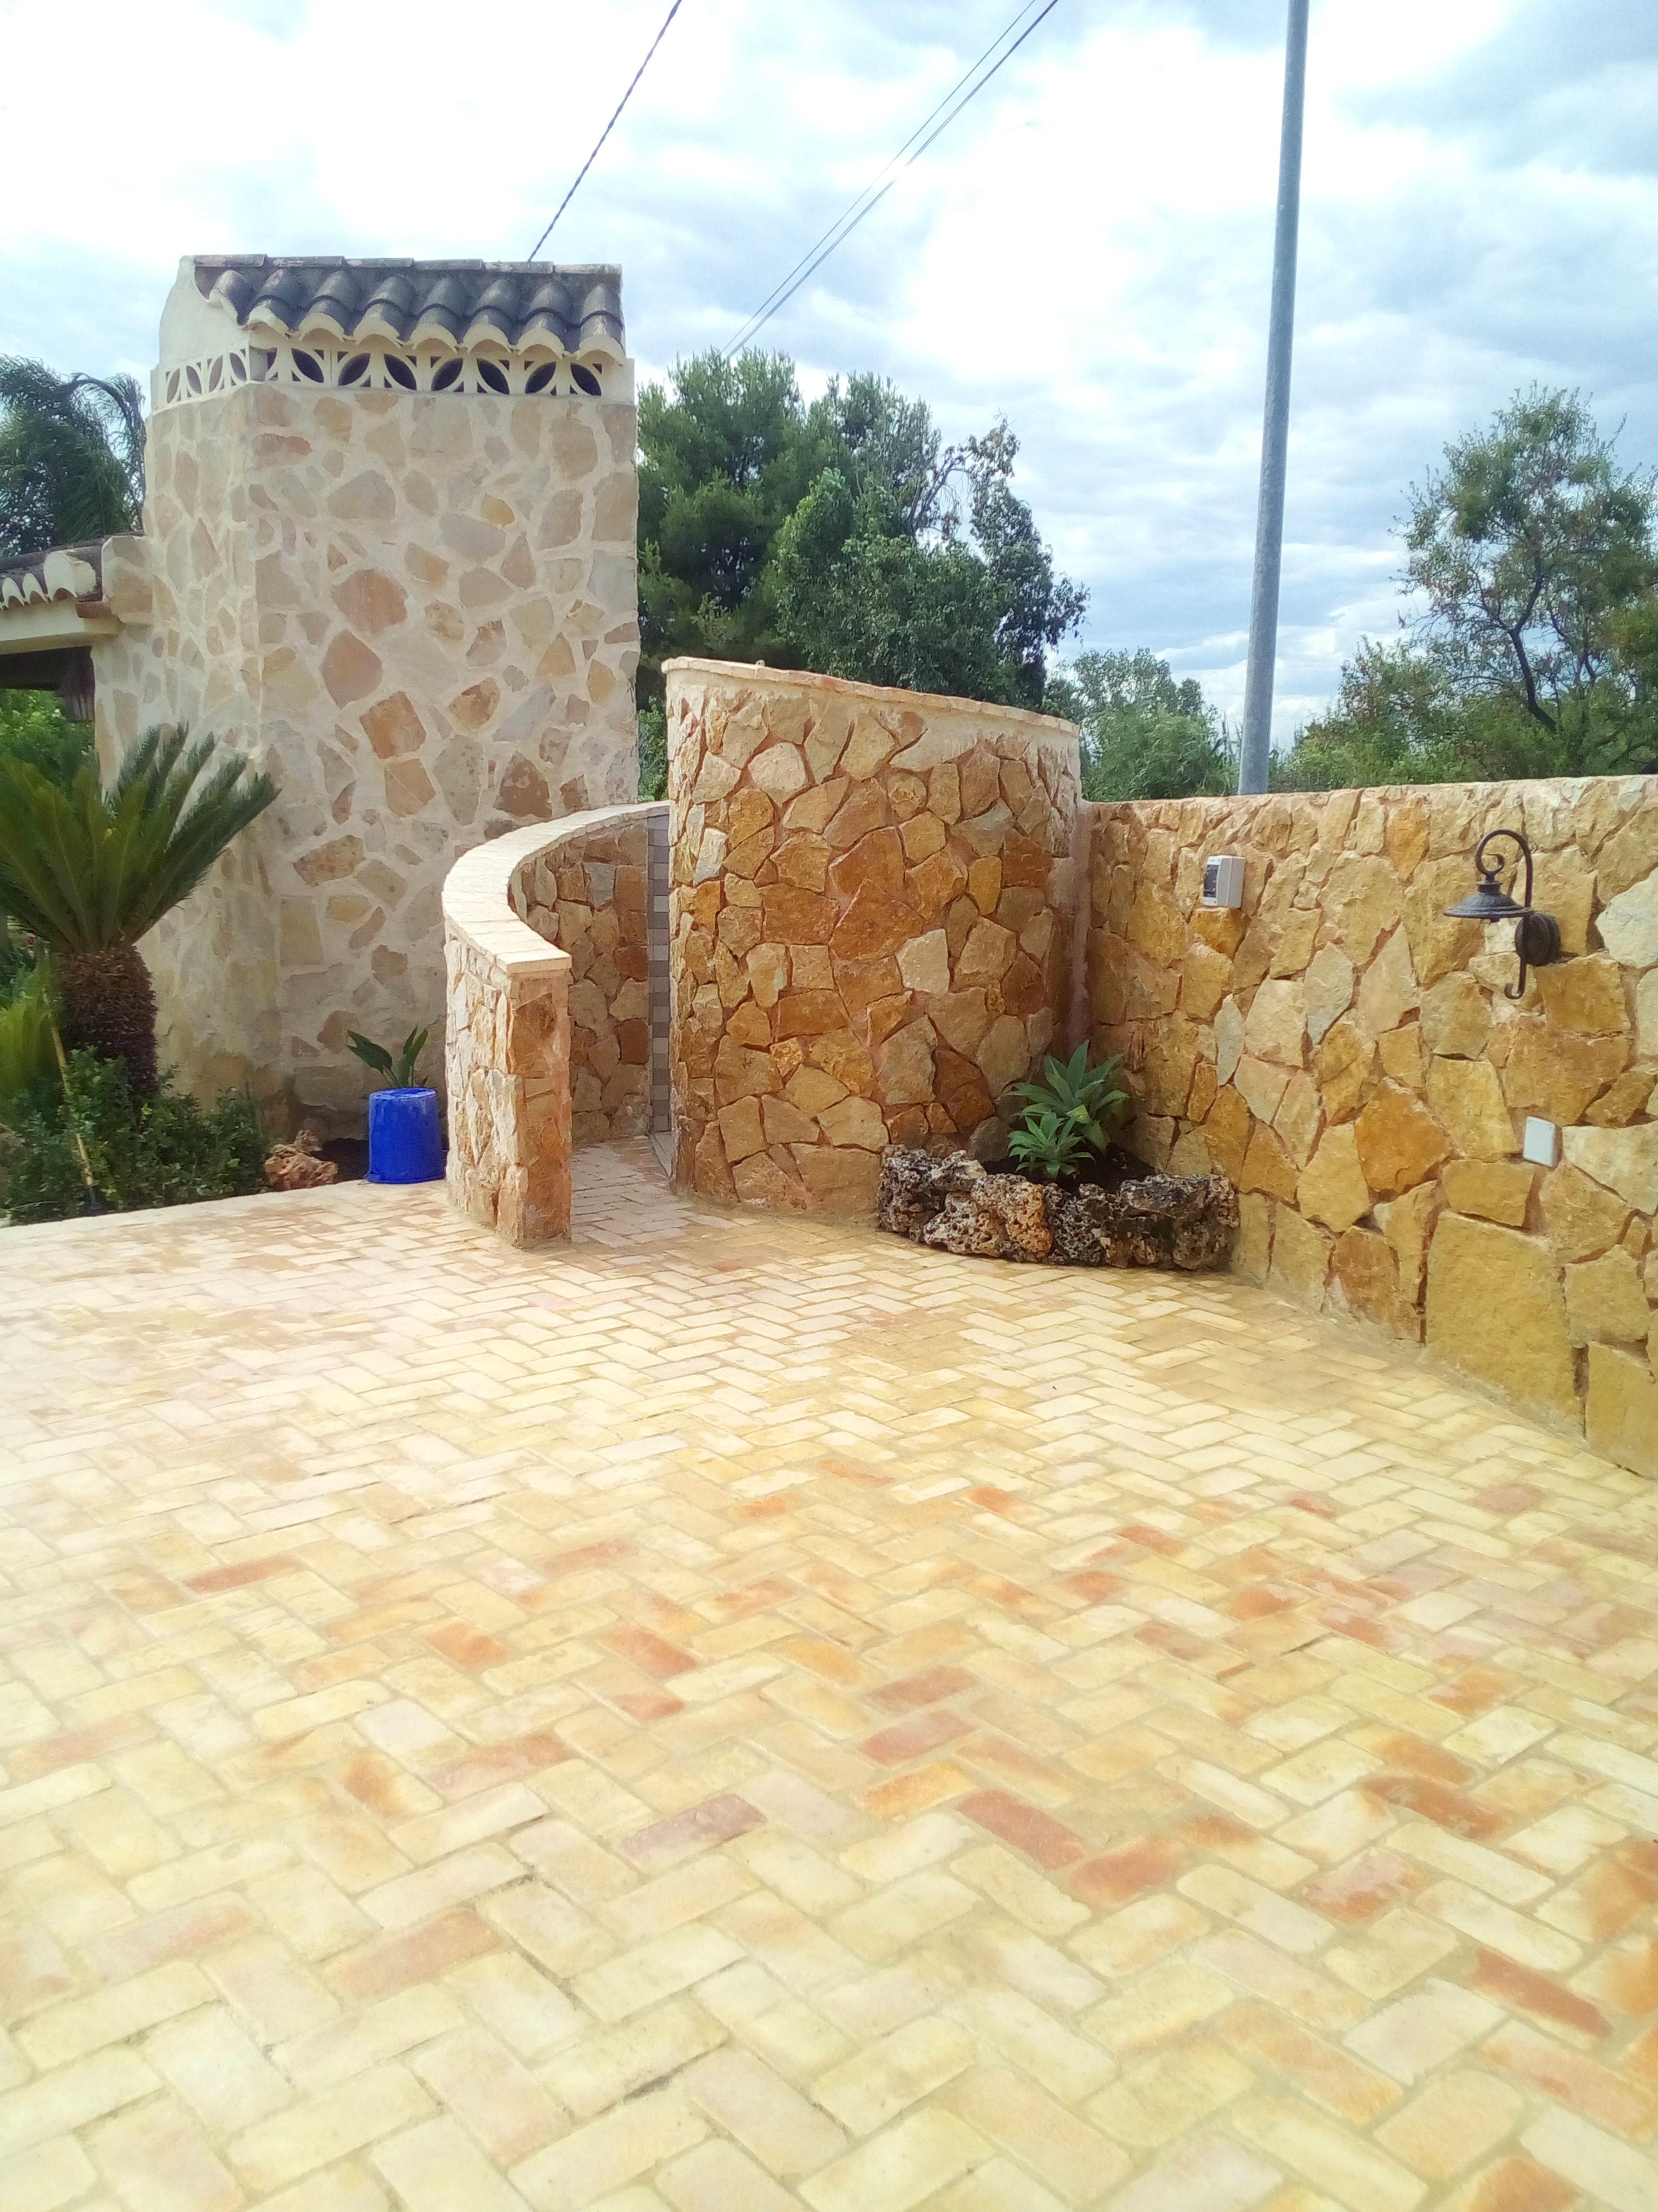 Terraza de piscina con ducha y revestimientos de piedra sin rejuntar